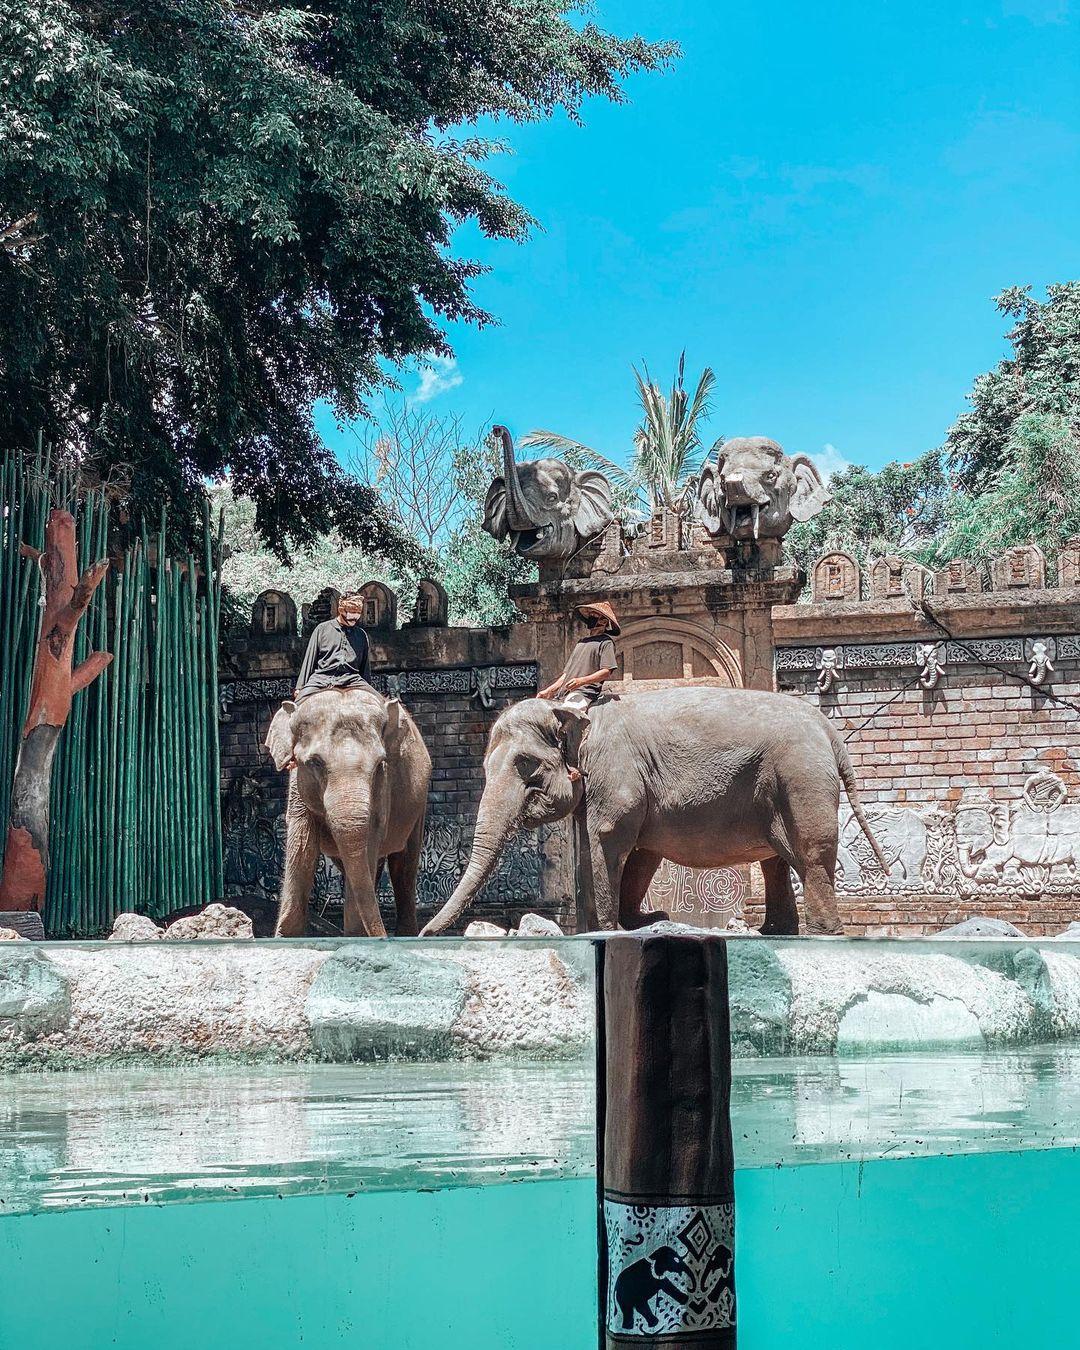 Pertunjukan Gajah Di Bali Safari Image From @mesasaw